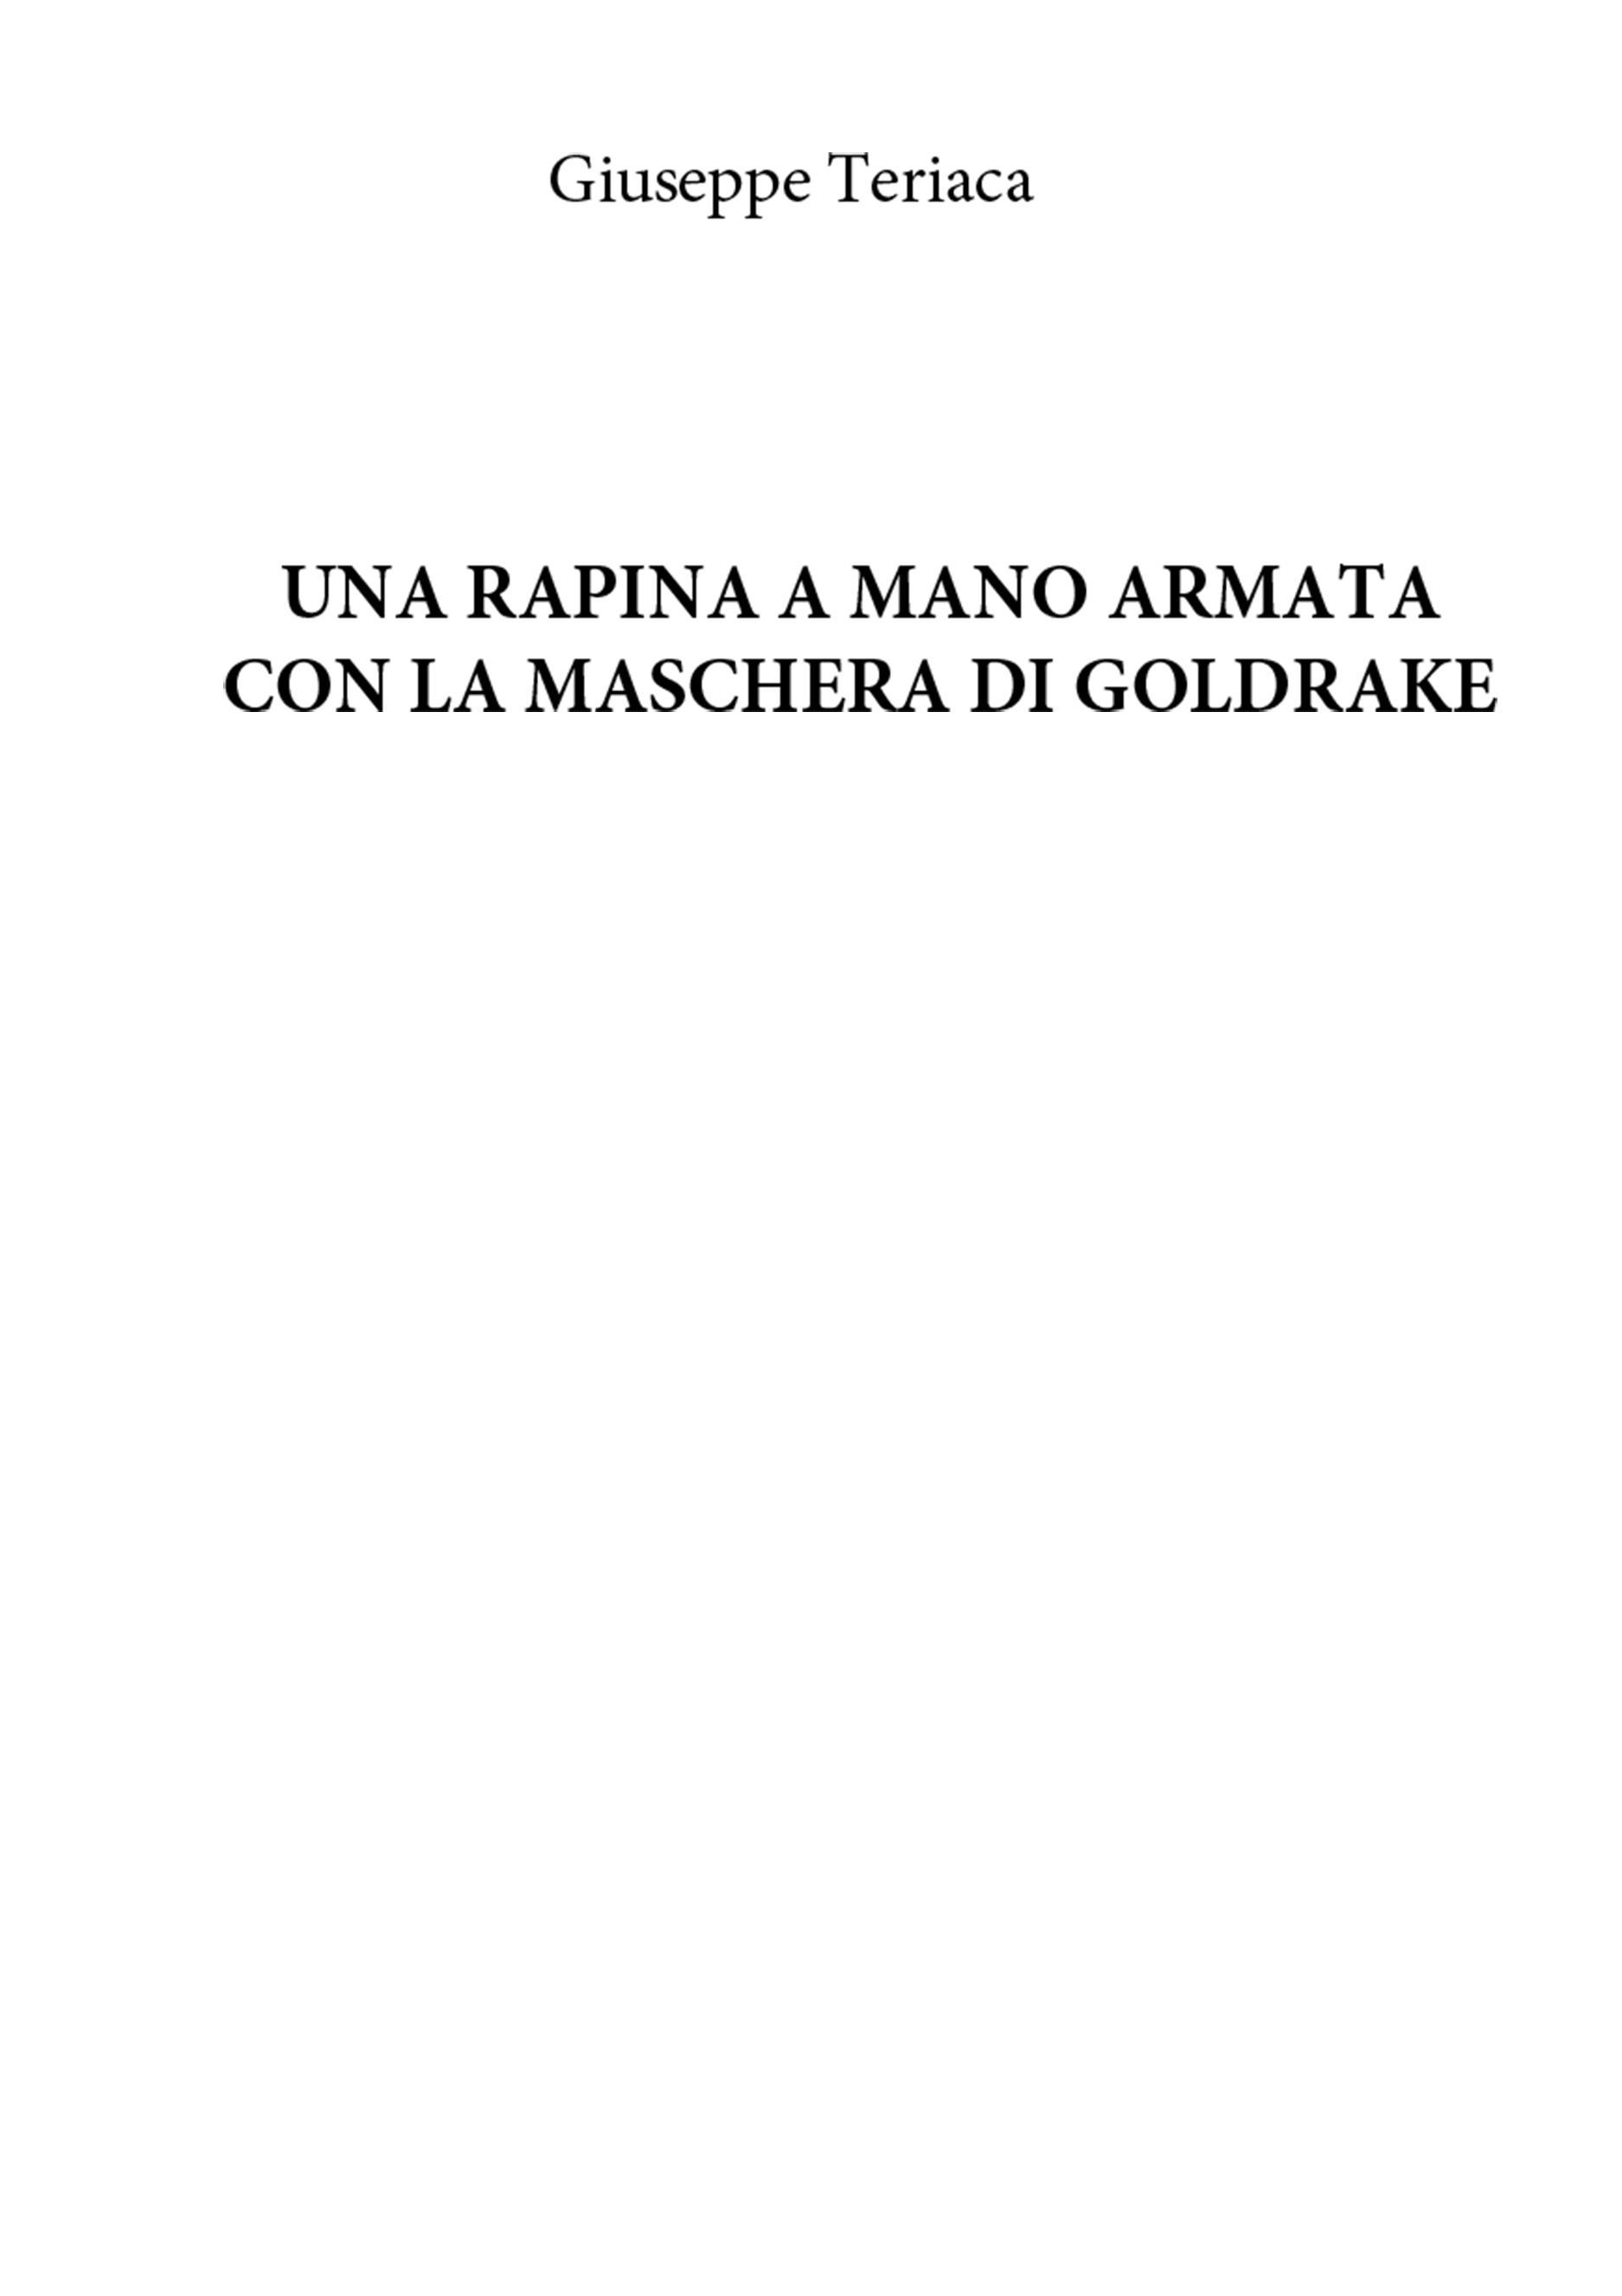 Una rapina a mano armata con la maschera di Goldrake